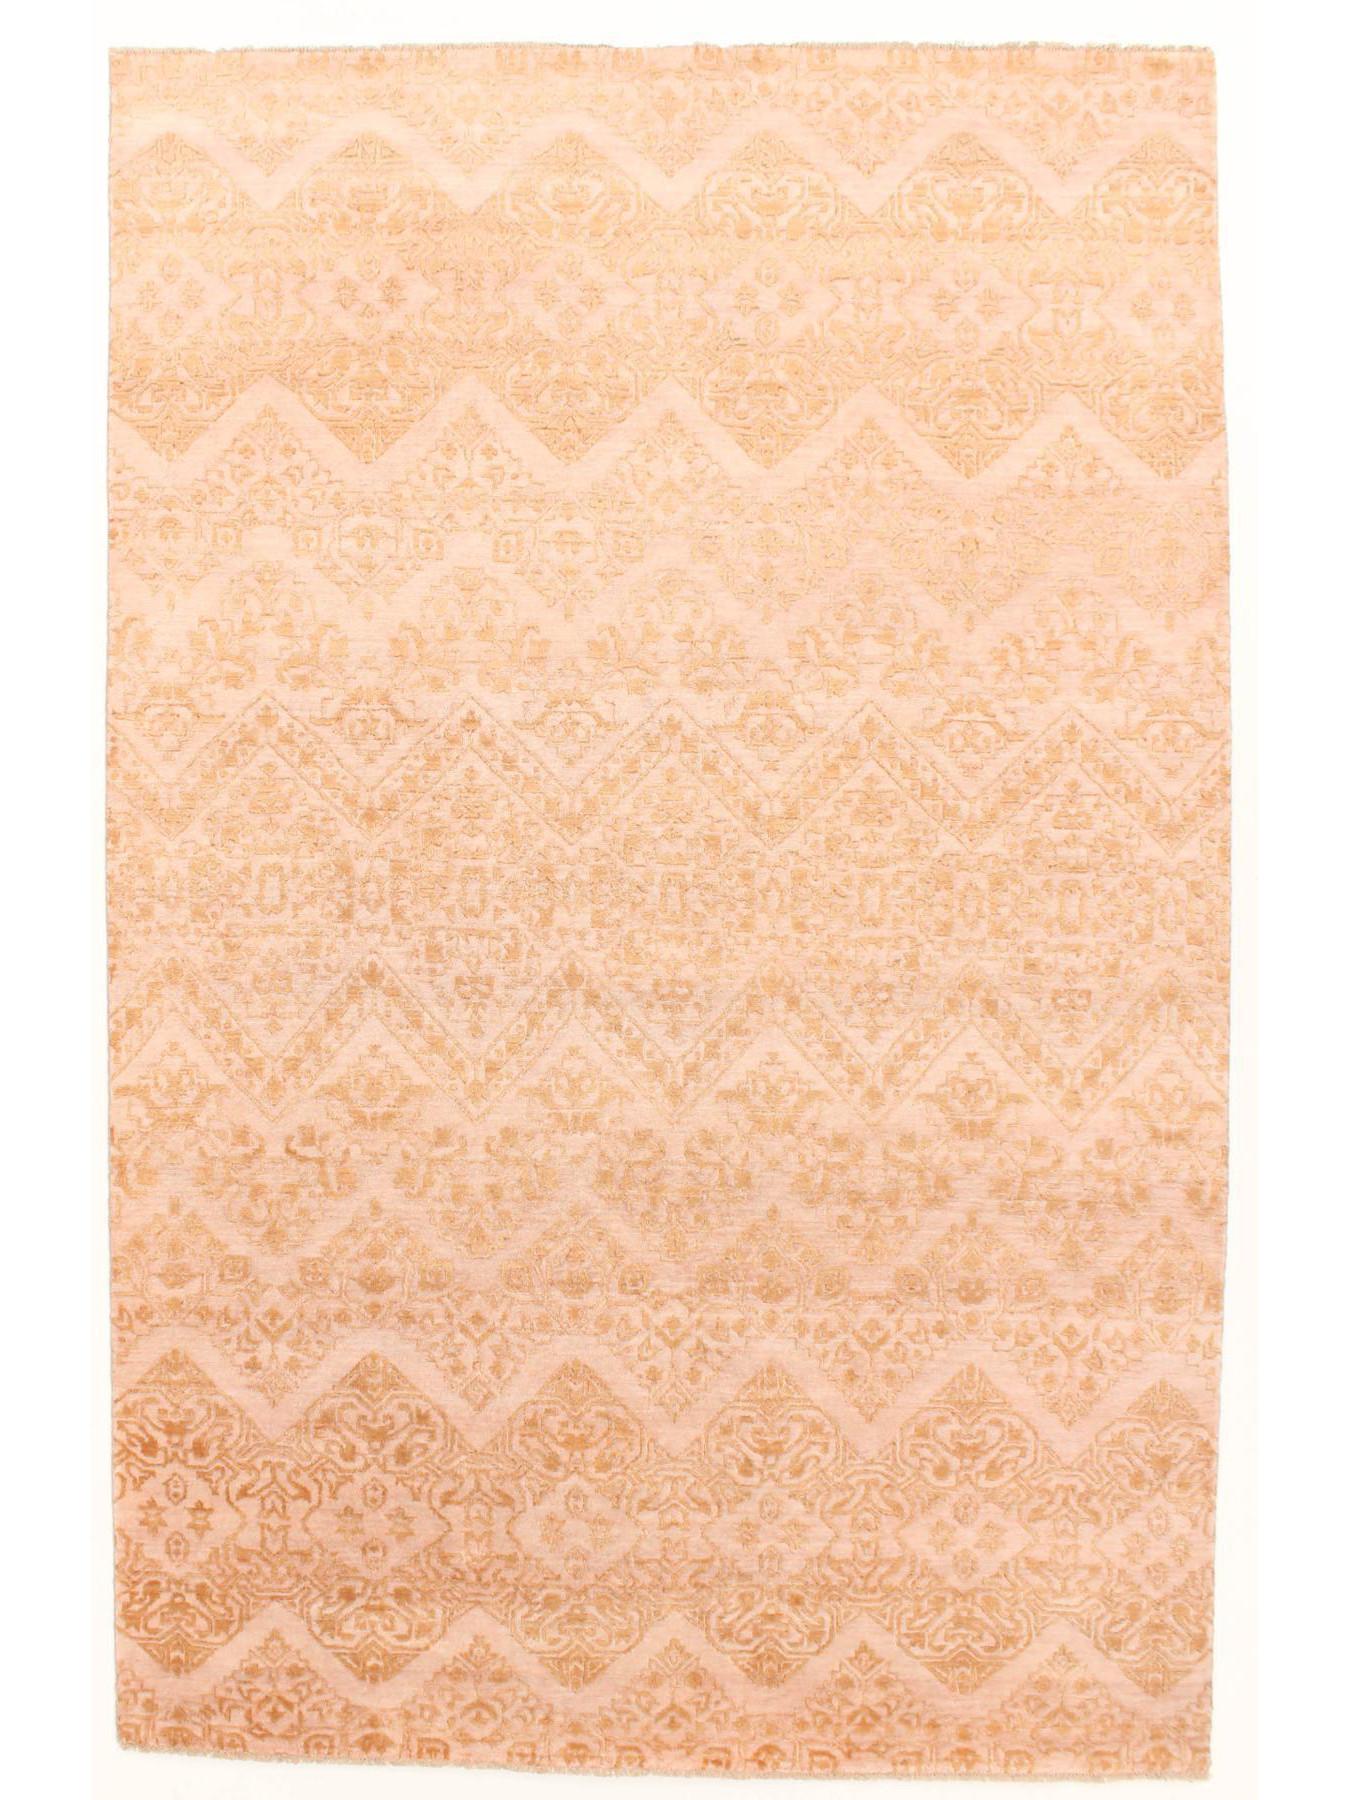 Luxury tapijten - Damask-GE-447 HB-110/B-81/Pink Outlet